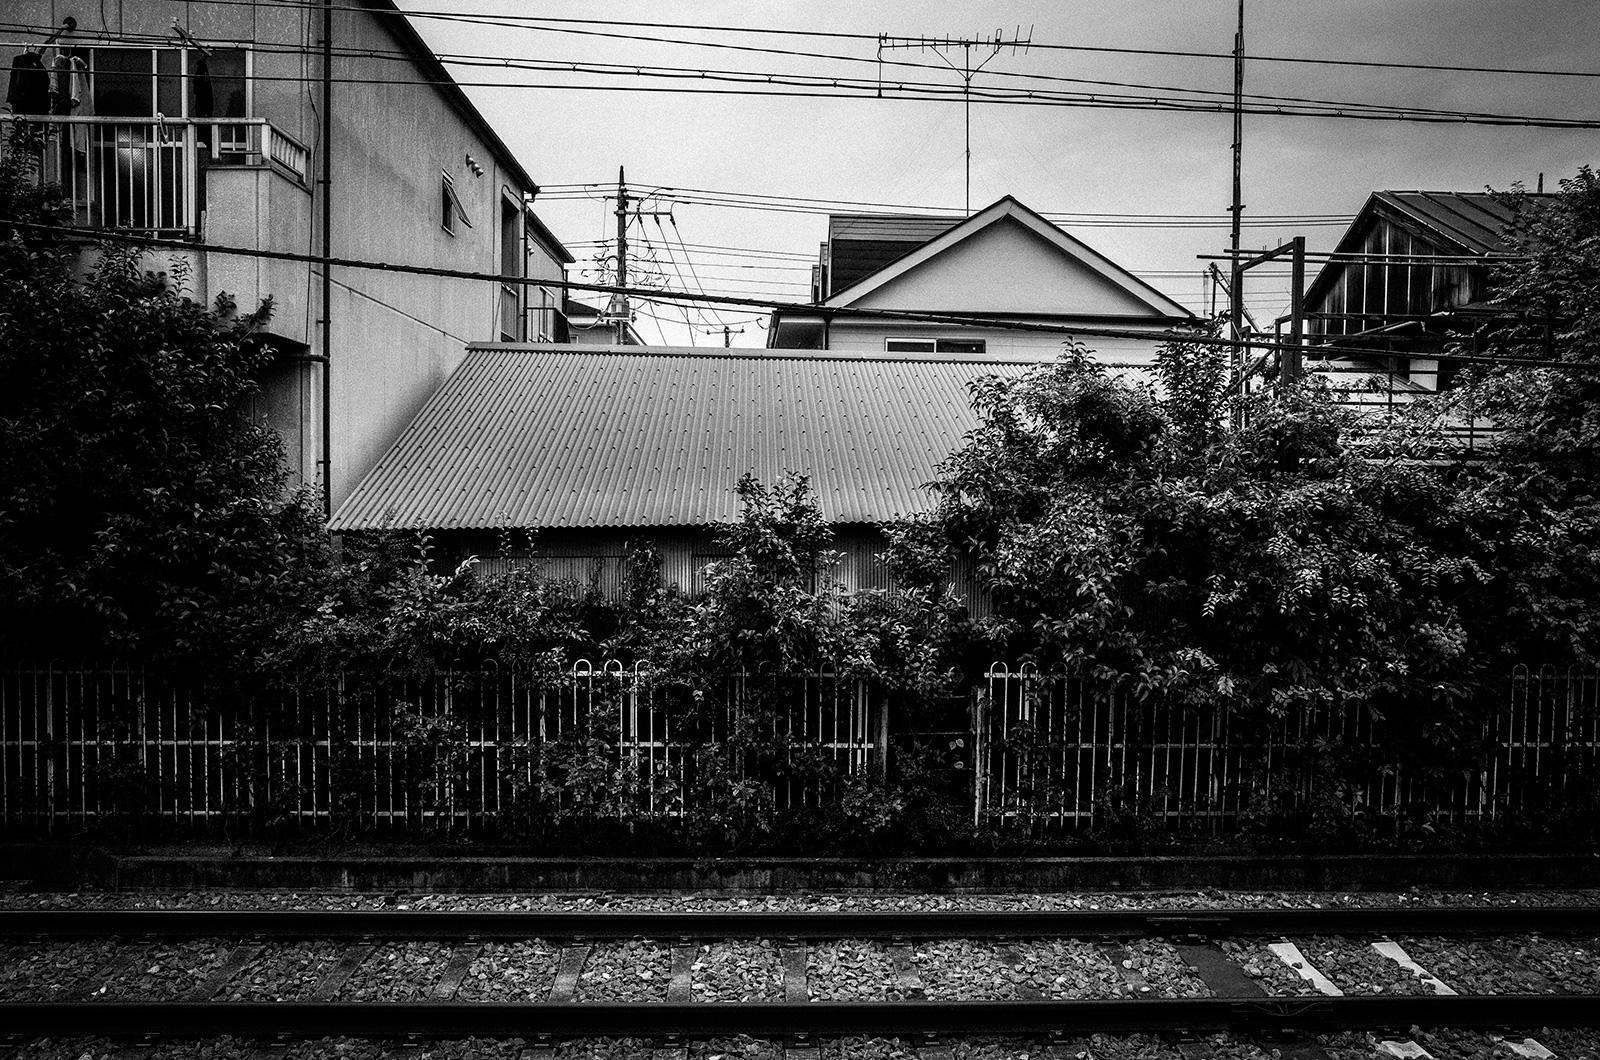 08荒川-02_Yutaro-Yamaguchi